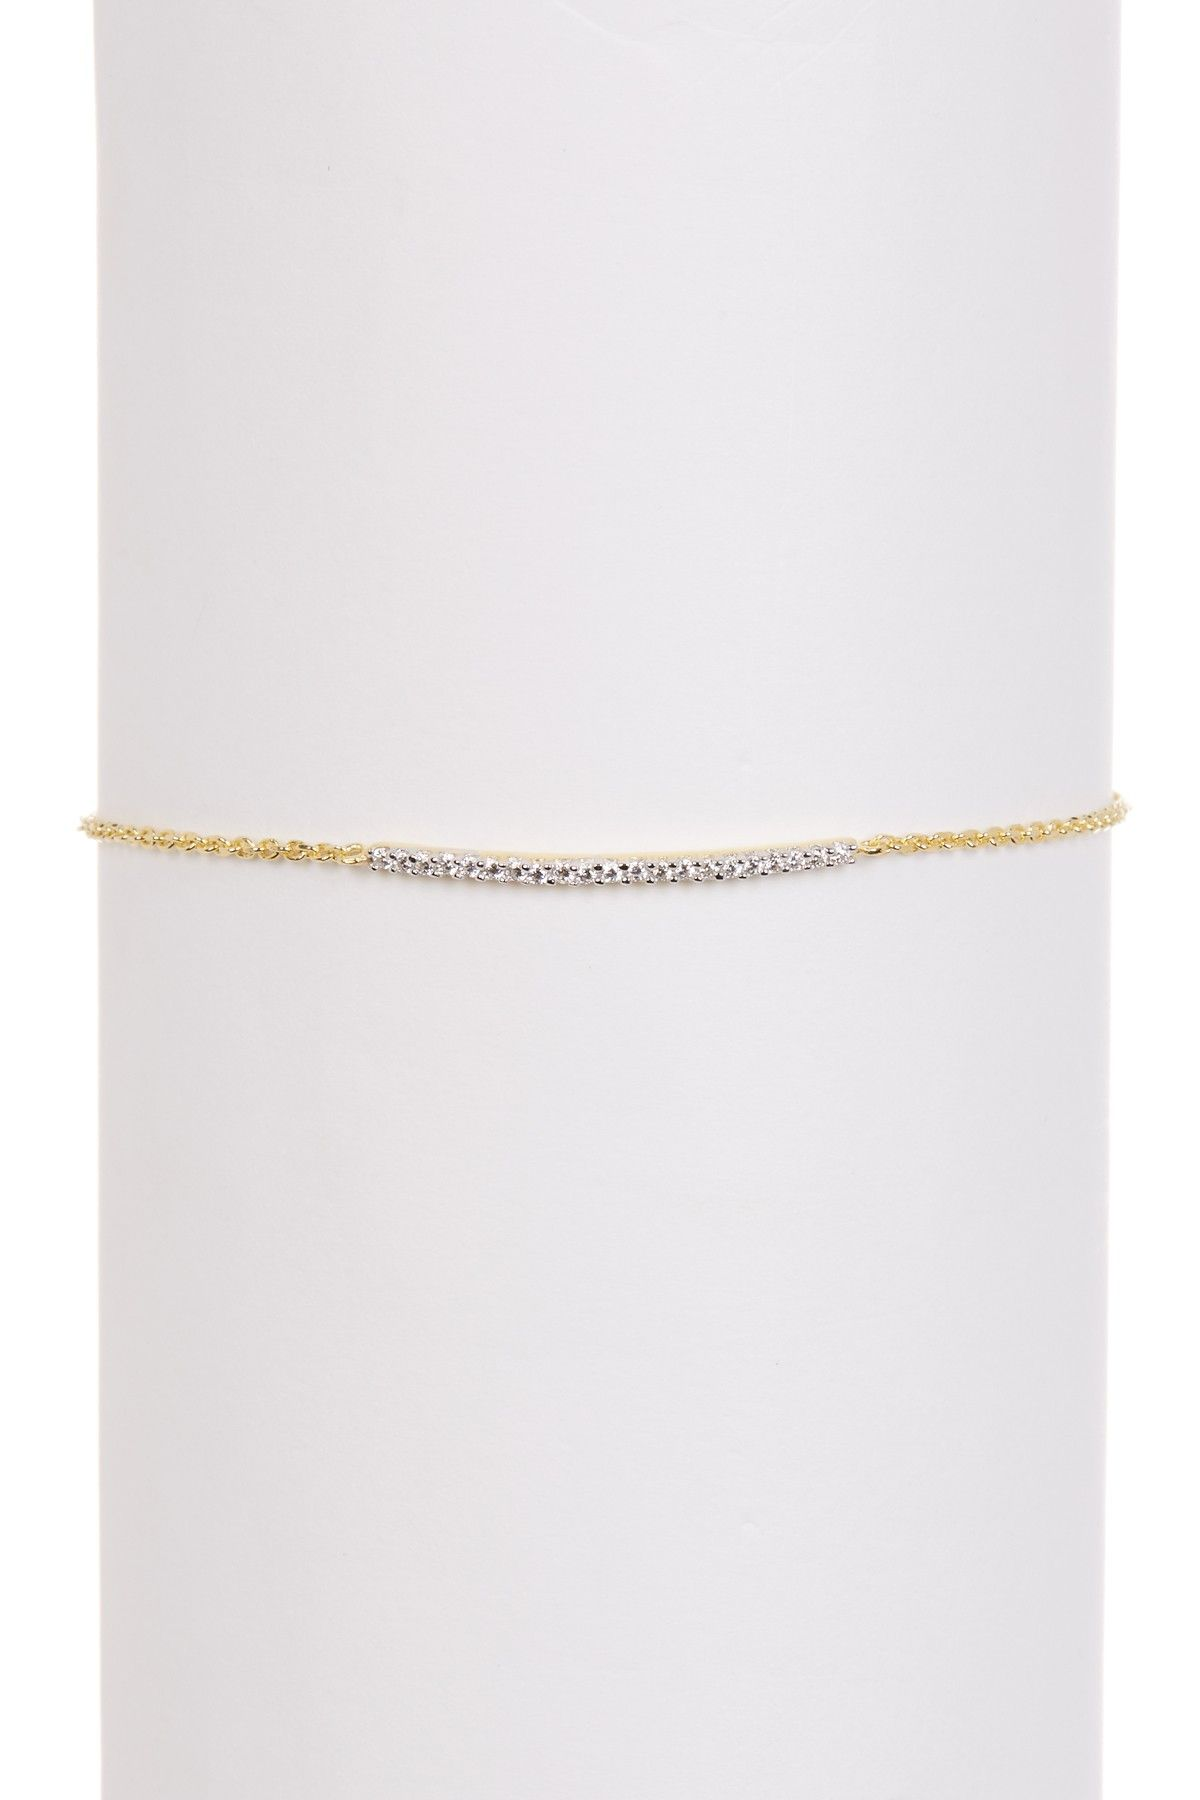 Meshmerise k gold vermeil pave curved bar adjustable bracelet